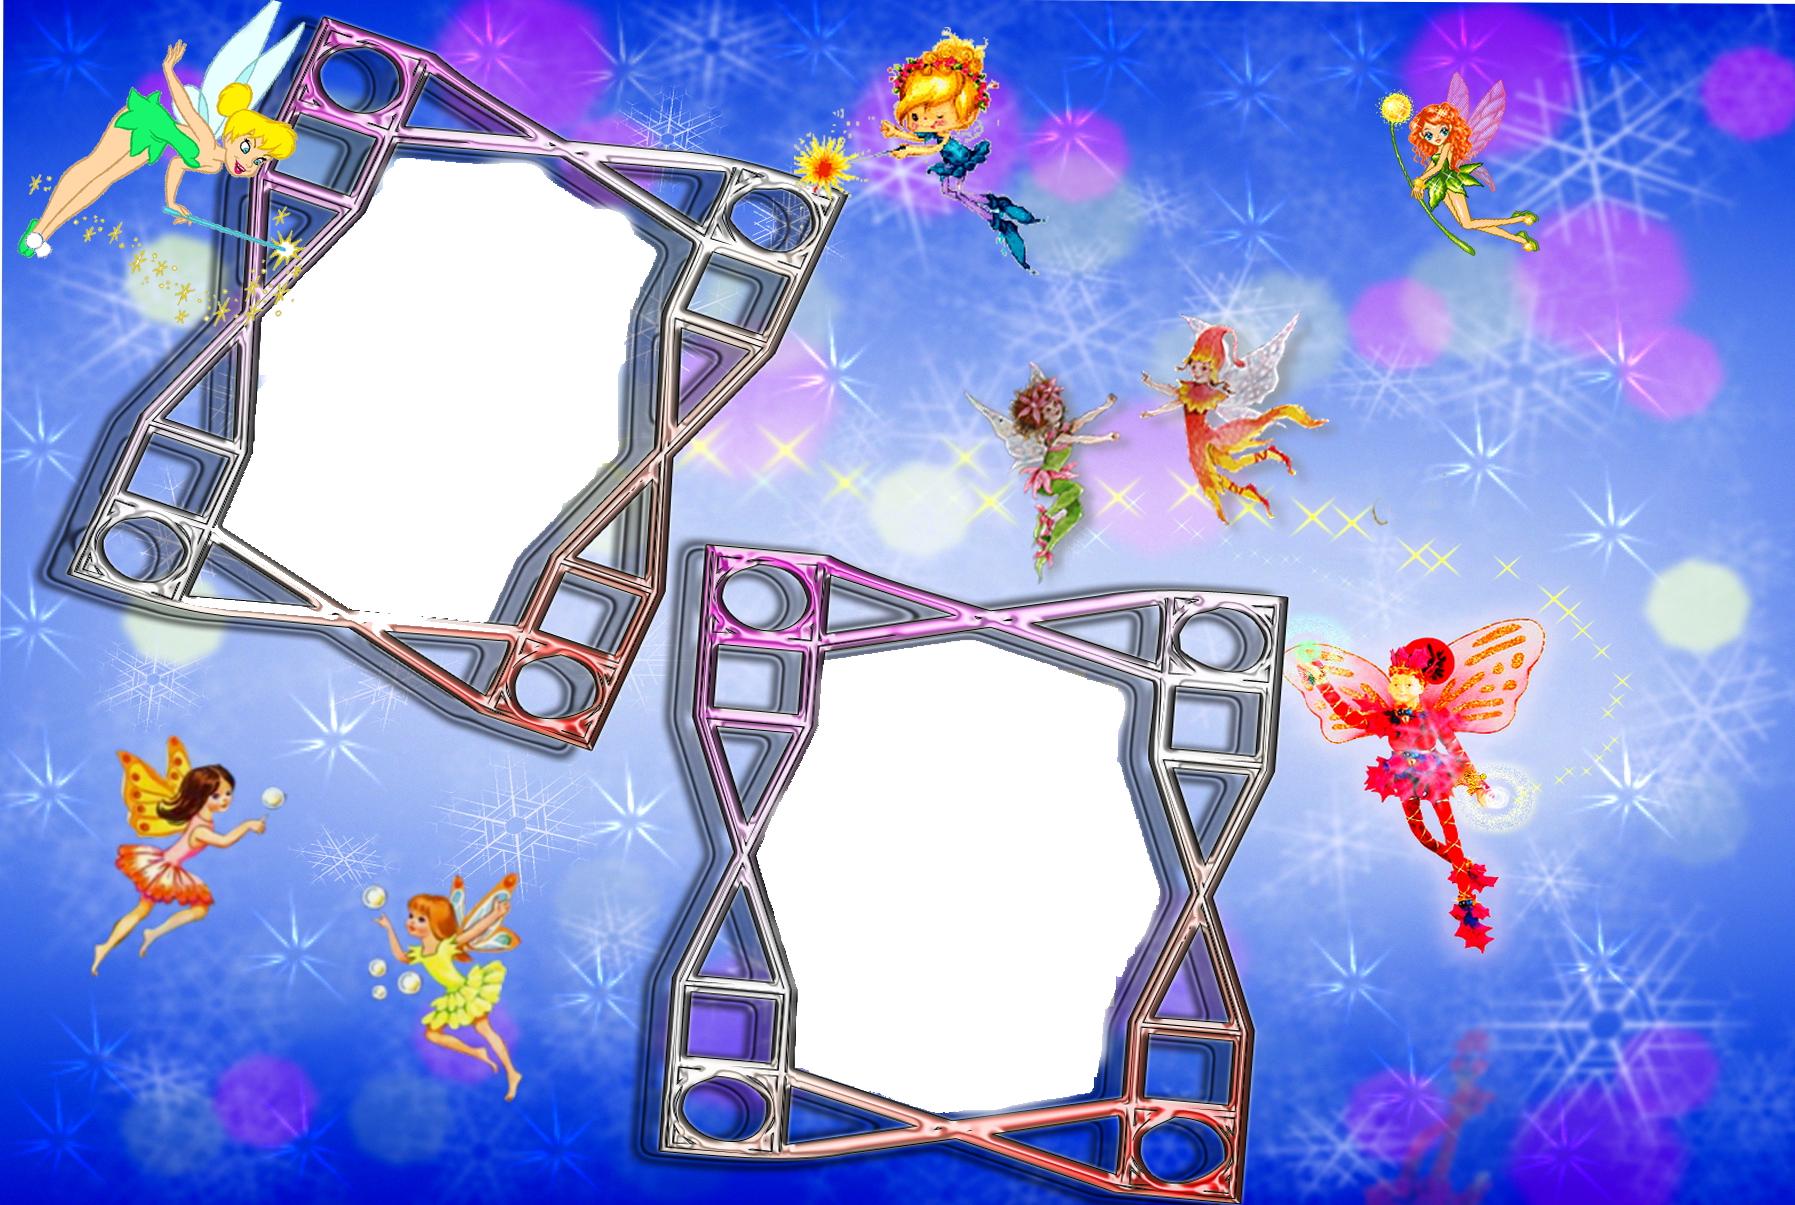 Новогодние рамки. Волшебная новогодняя рамка большого размера для двух фотографий. Чудесный синий фон кажется разноцветным из-за обилия звёздочек, снежинок и бликов. А весёлые феи летают по этому фону будто по небу. Рамочки рассчитаны на вертикальные фотографии, лучше всего подойдут крупные портреты. Замечательная новогодняя рамка для всех, кто любит делать сюрпризы.